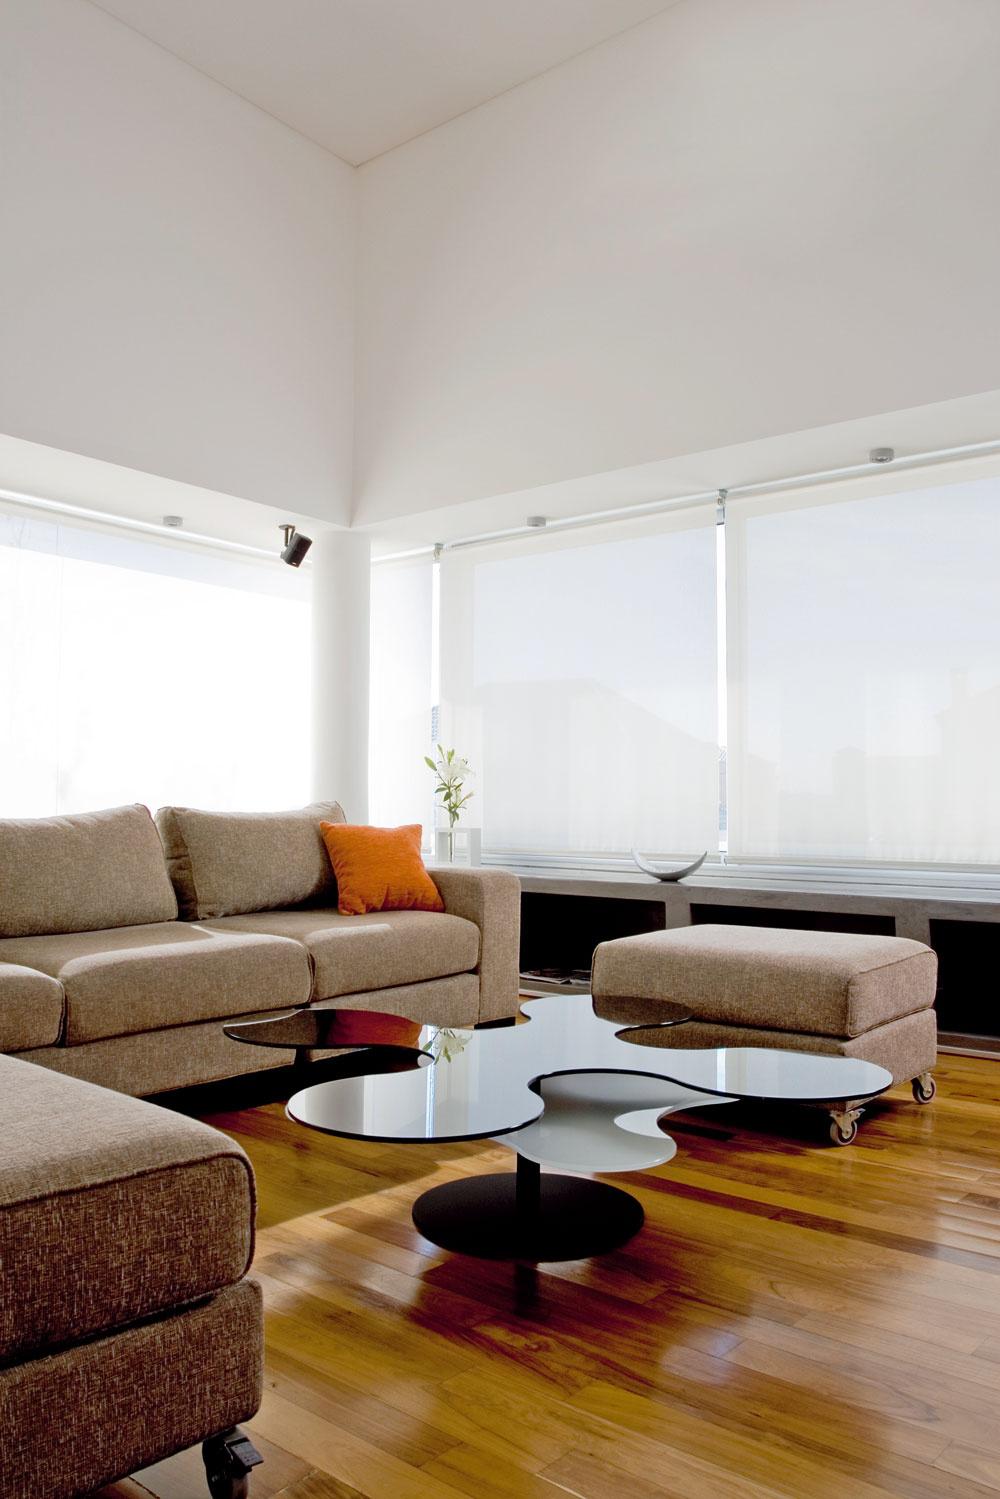 Betónová lavica pokračuje aj na kratšej strane obývacej izby, orientovanej kulici. Tento pohľad sa naskytne, ak prejdete zkuchyne cez sklenený mostík ponad vstupnú halu.